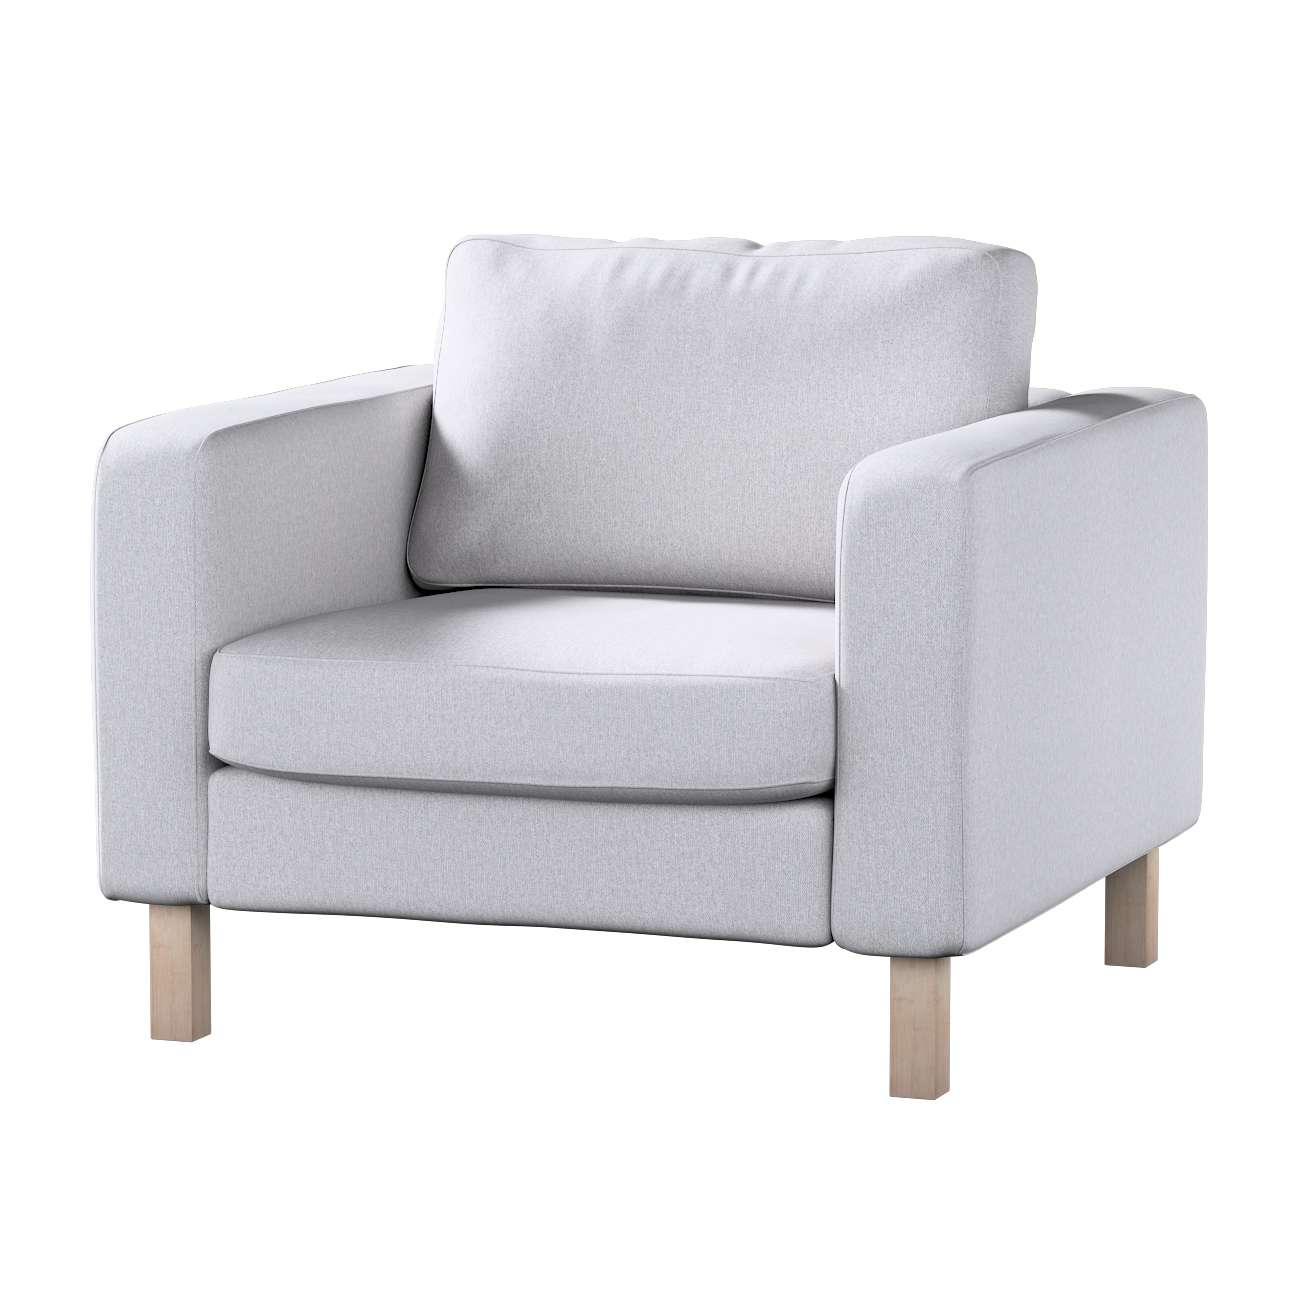 Karlstad päällinen nojatuoli mallistosta Amsterdam, Kangas: 704-45